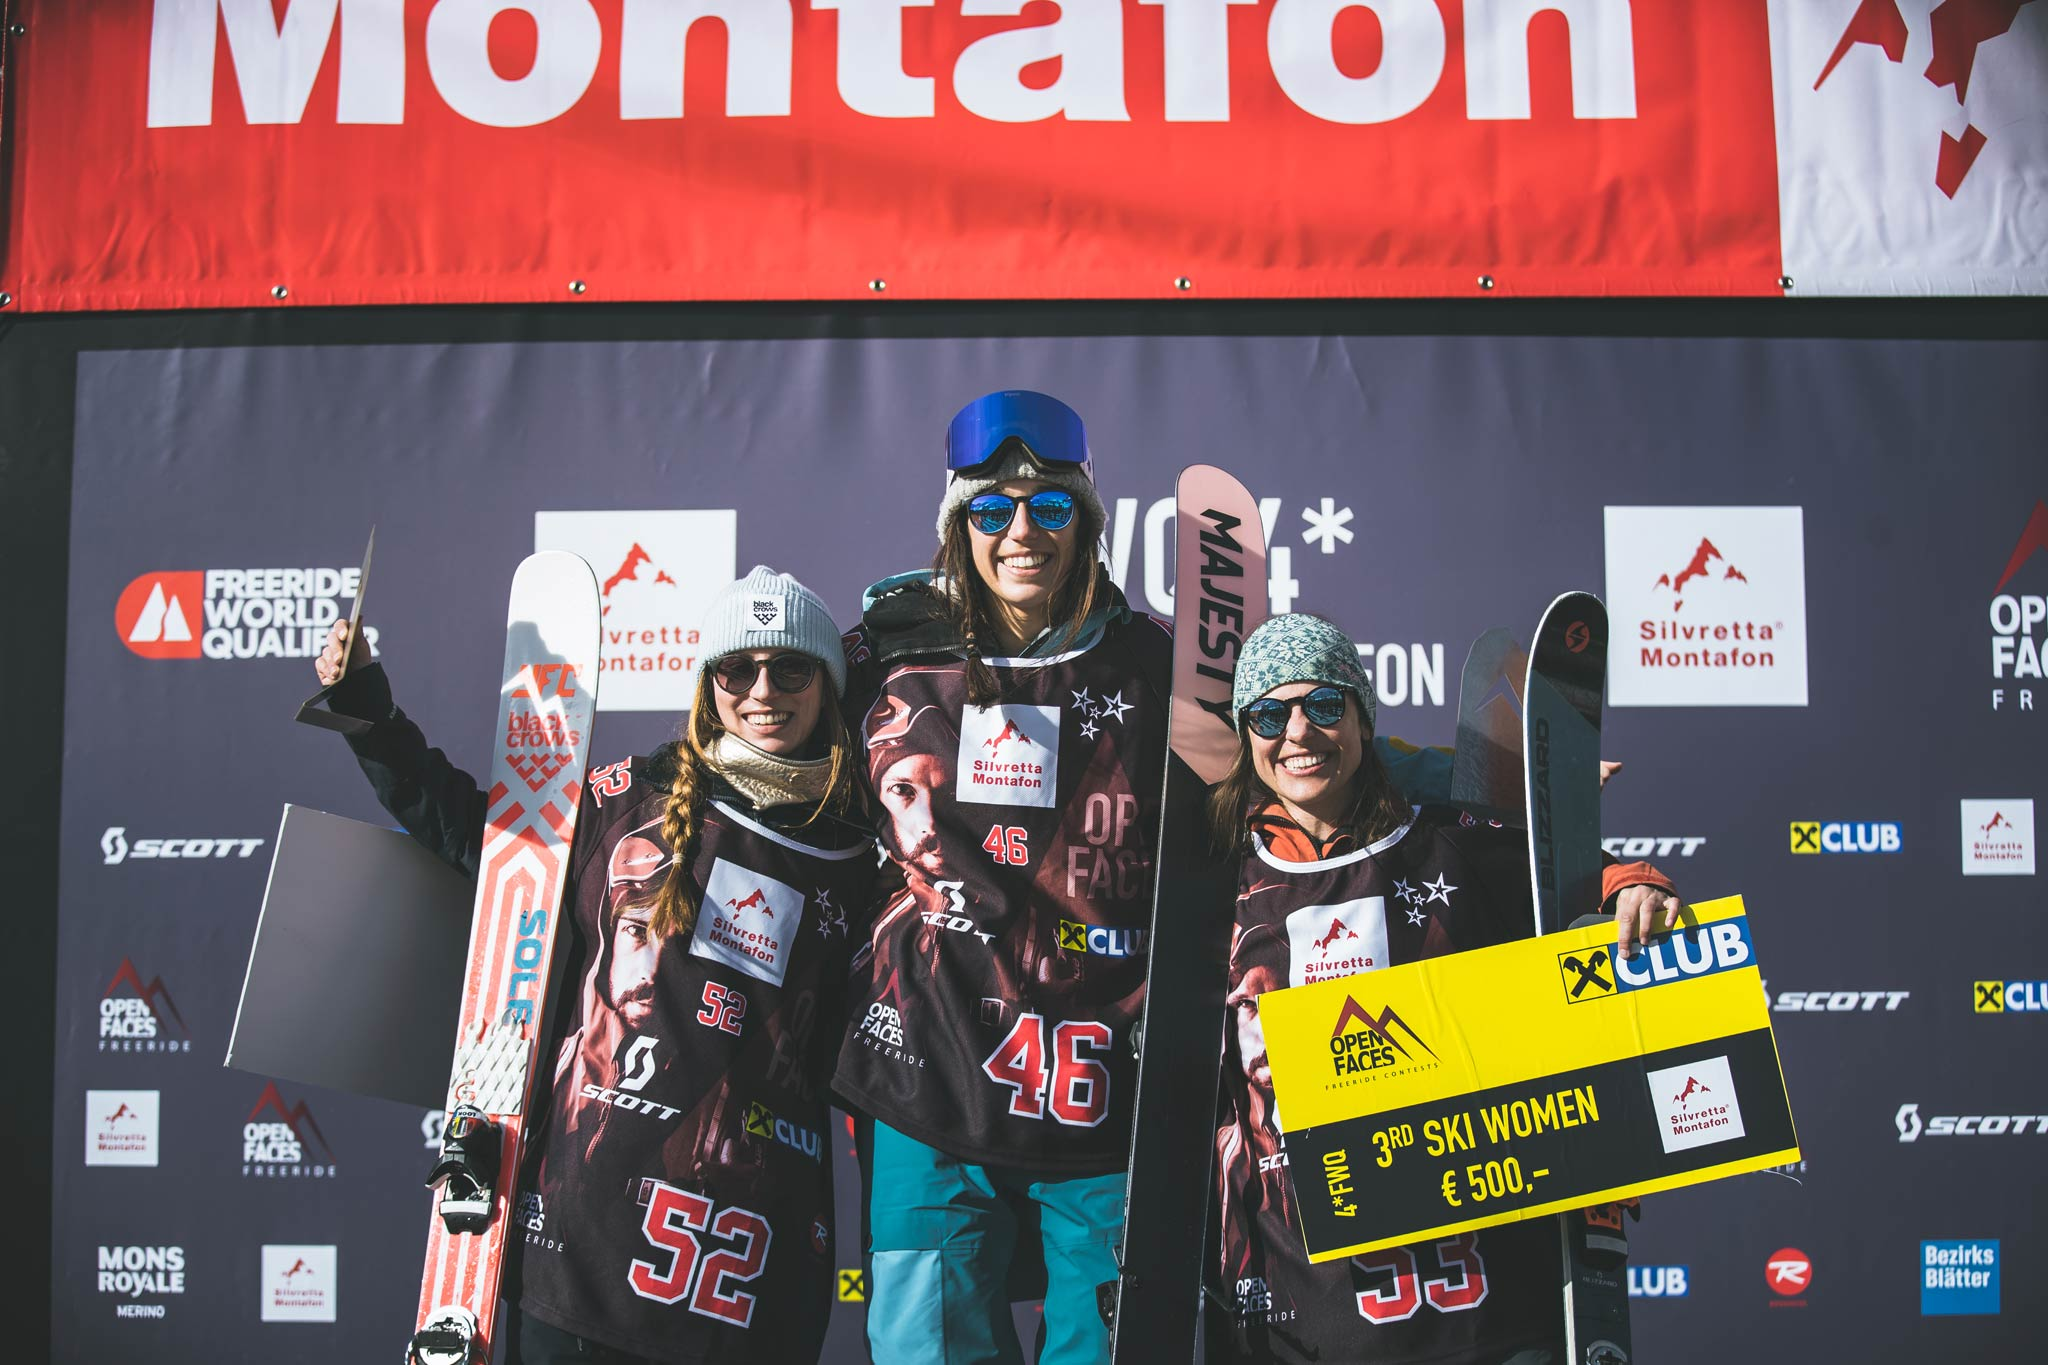 Die drei besten Frauen beim 4* FWQ Silvretta-Montafon: Megane Betend (FRA), Zuzanna Witych (POL), Claudia Klobasa (AUT) - Foto: Mia Knoll